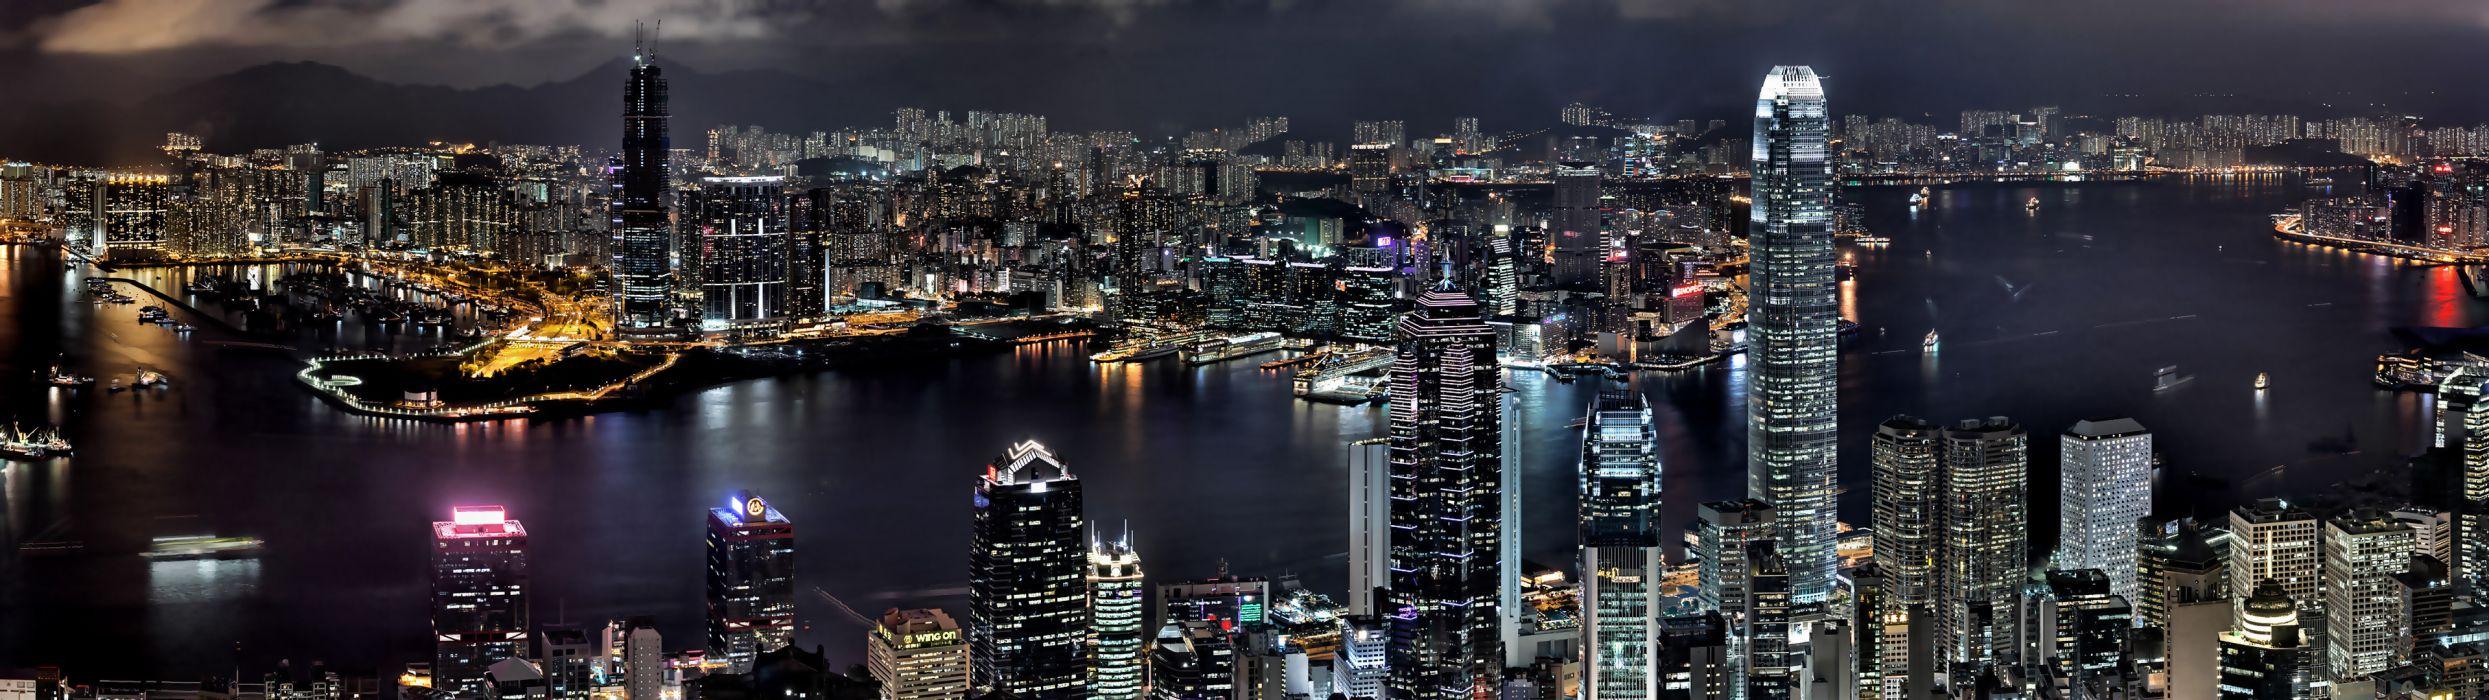 cityscapes night buildings Hong Kong wallpaper